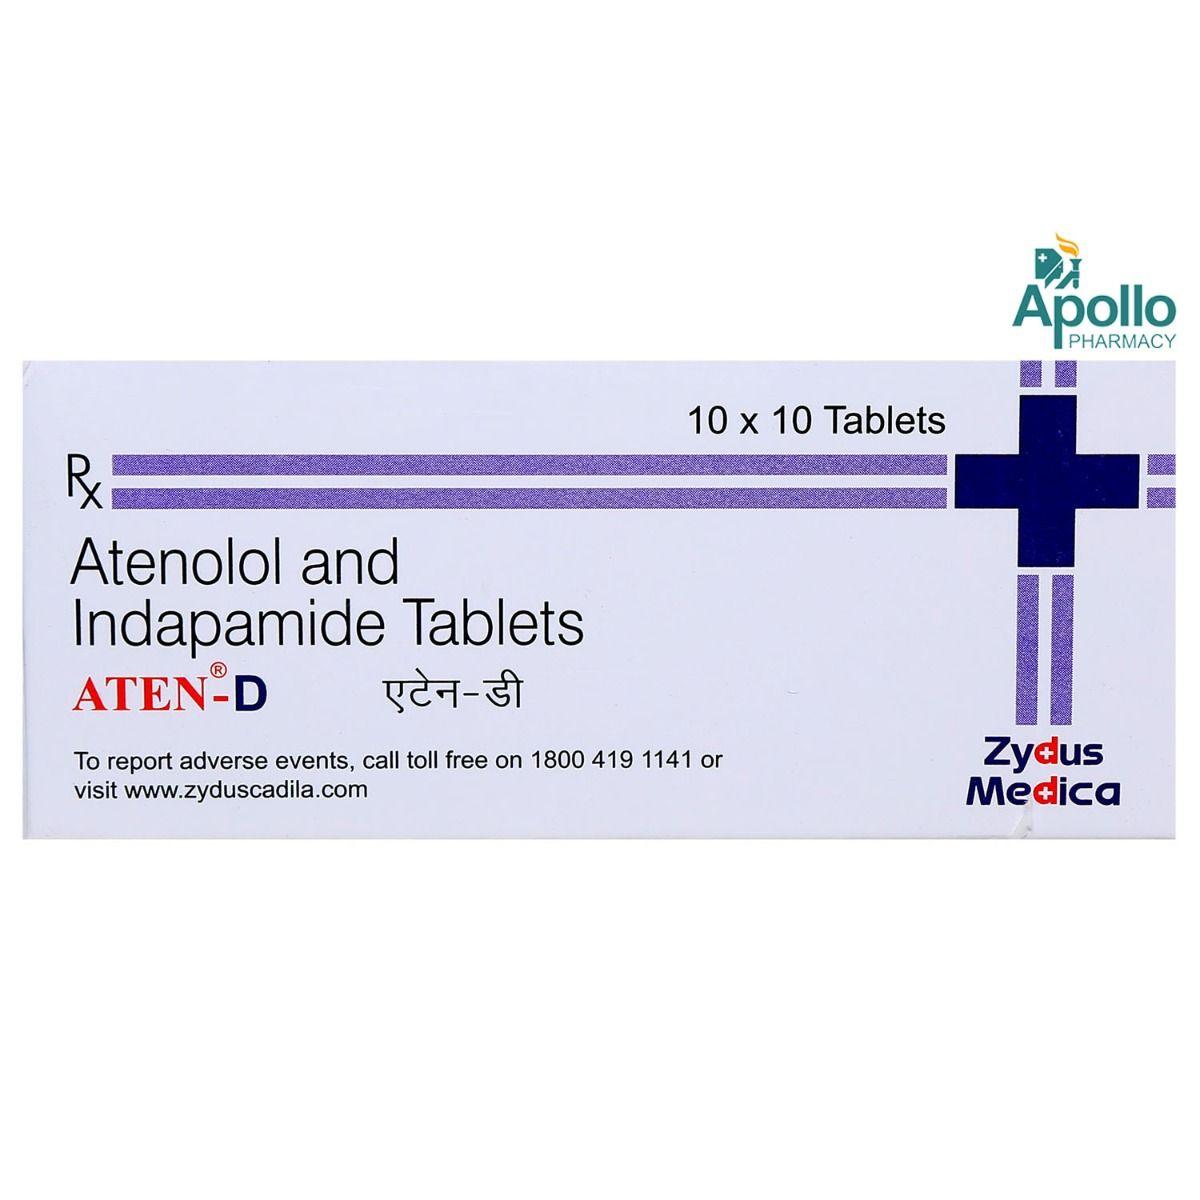 Aten-D Tablet 10's